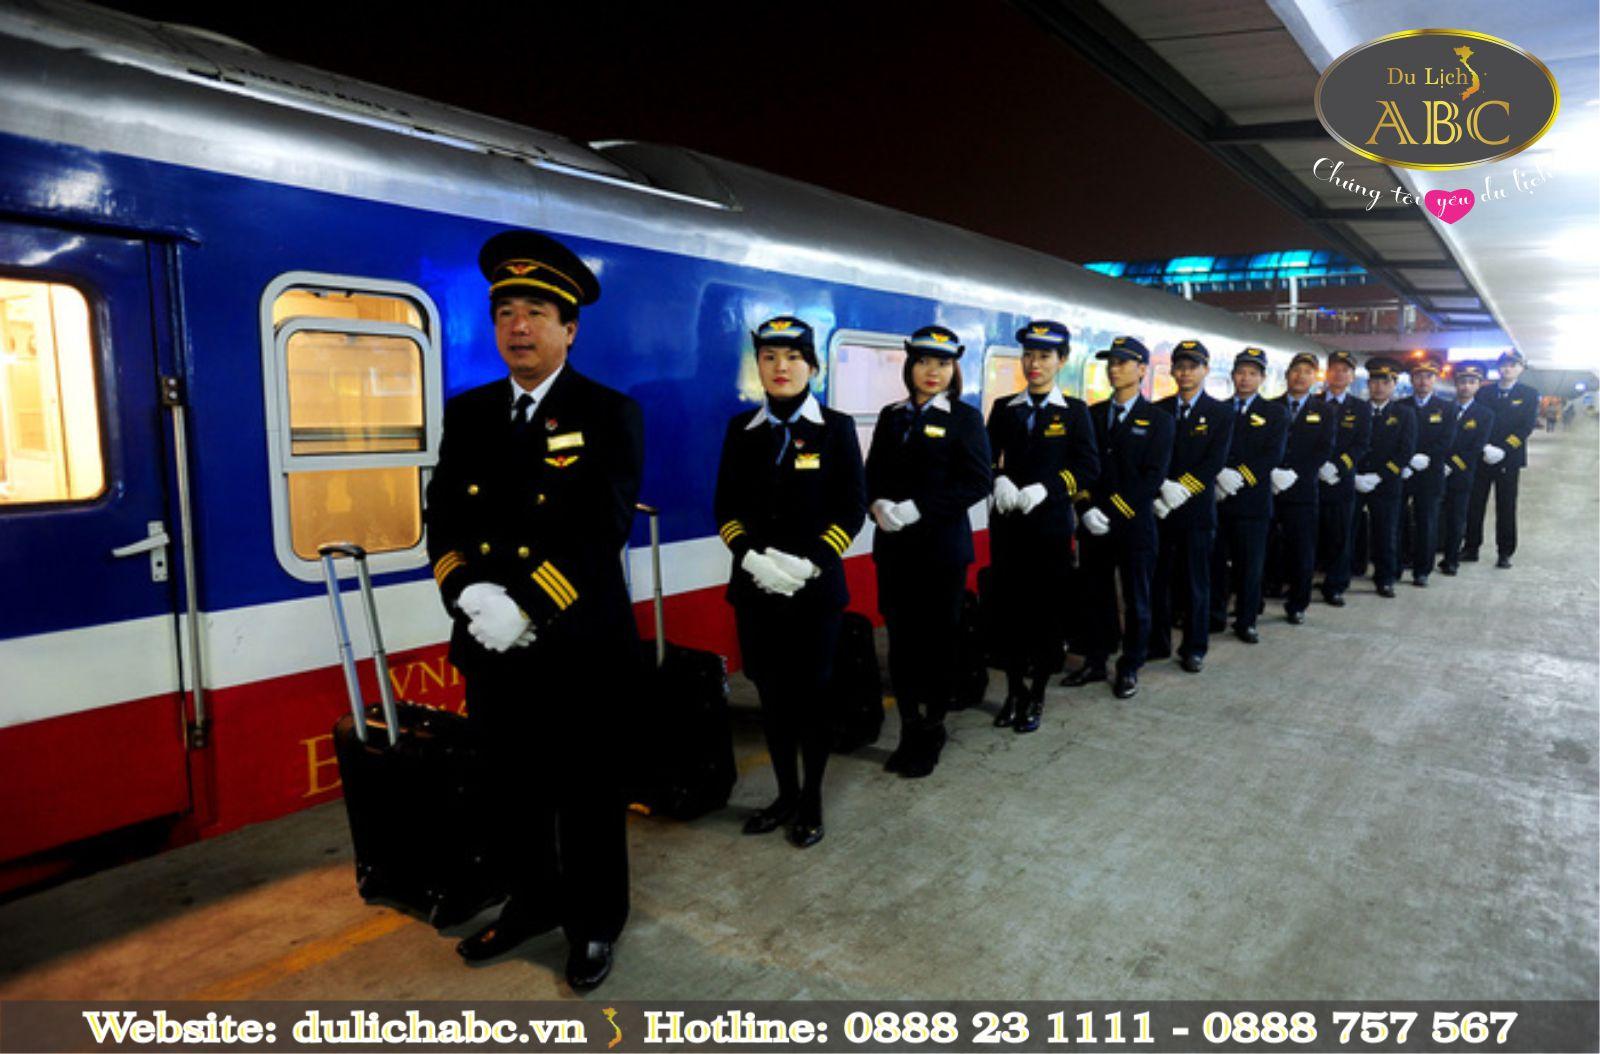 Tàu Lửa 5 Sao Phục Vụ Tuyến Du lịch Sài Gòn - Phan Thiết